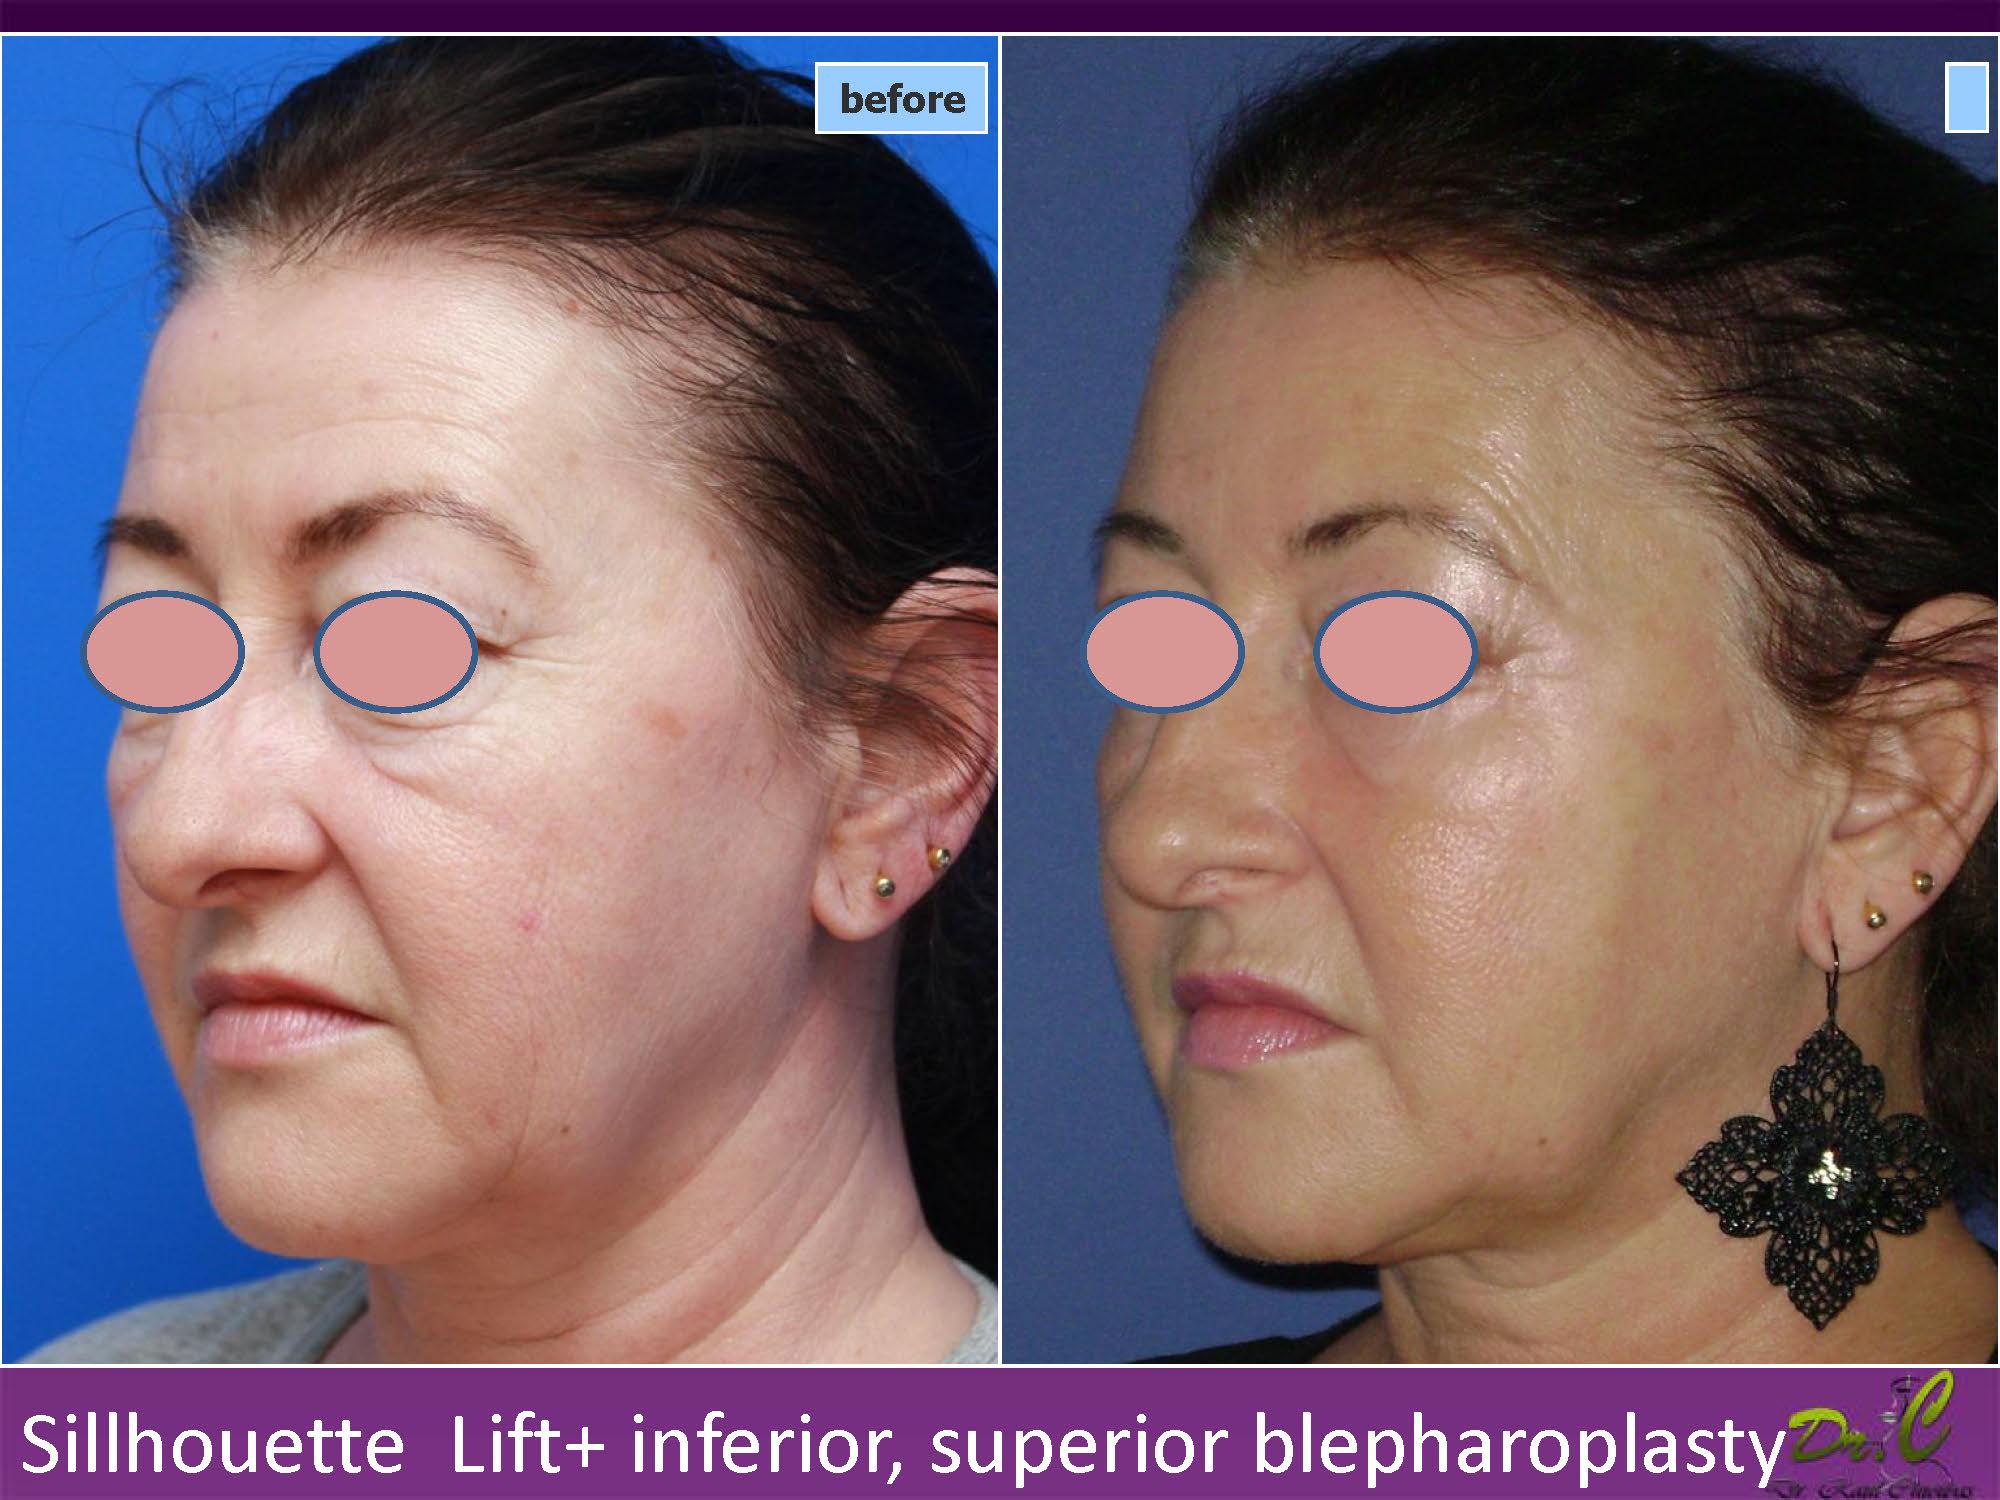 Silhouette lift - rejuvenare facială